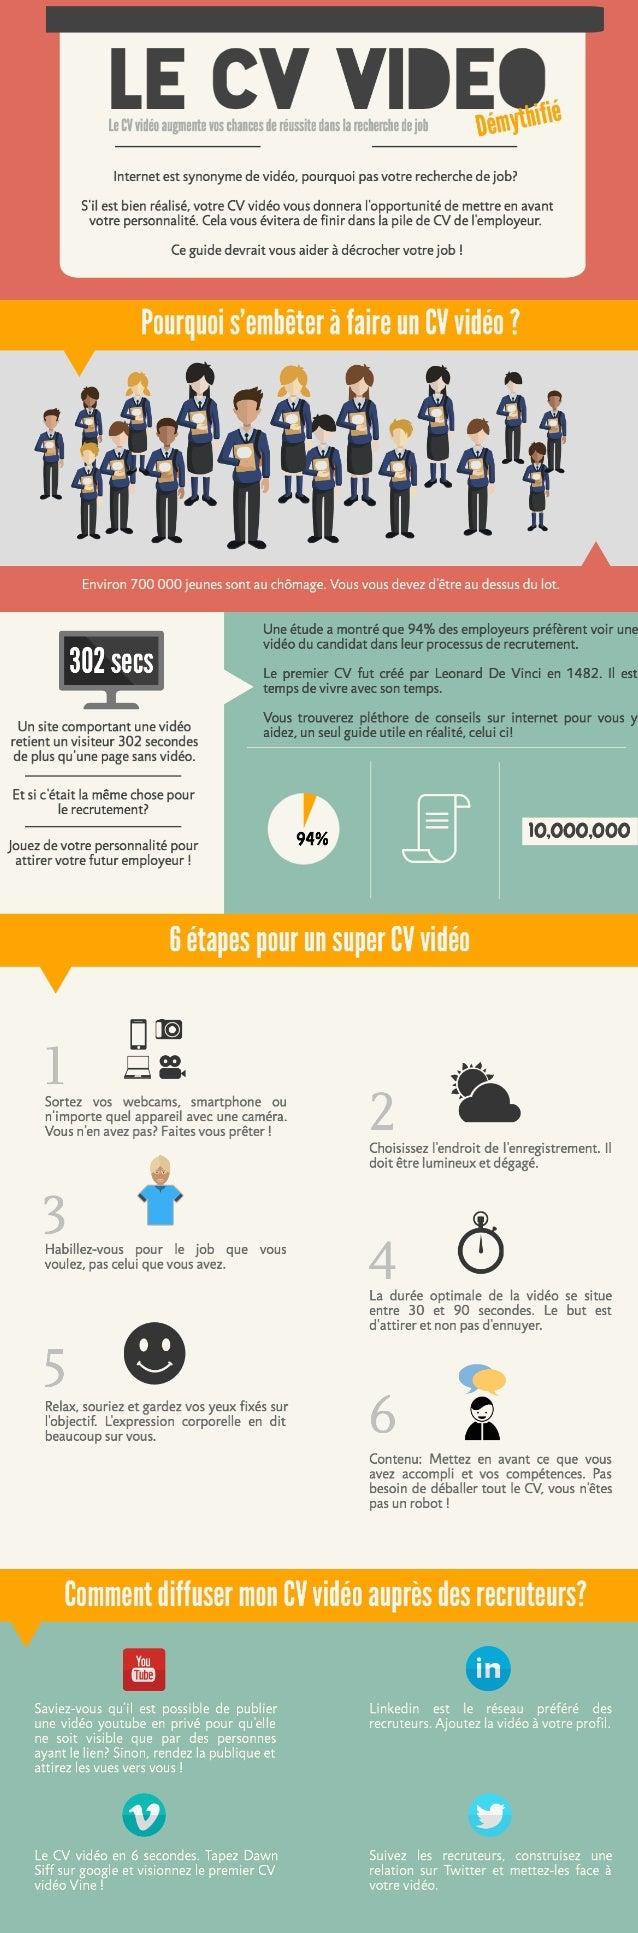 Bl'.   LE CV V| IEmQ, é  Internet est synonyme de vidéo,  pourquoi pas votre recherche de job?   S'i|  est bien réalisé,  ...